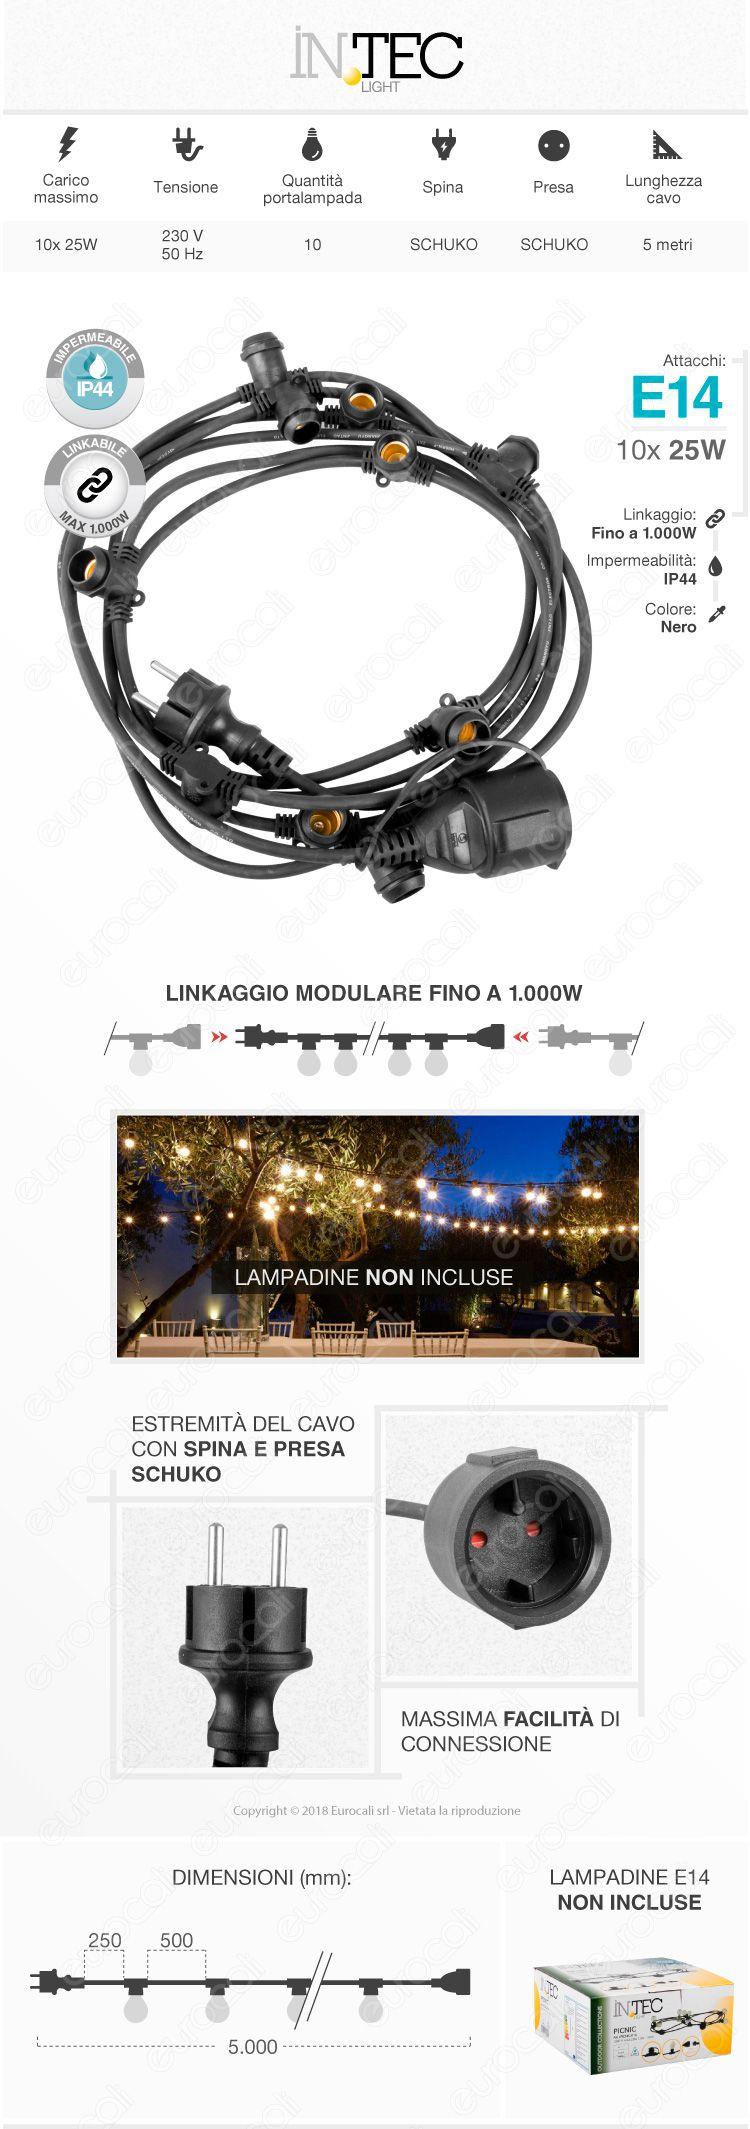 Fan Europe Intec Light Catenaria 5 metri per 10 Lampadine LED E14 per Esterno